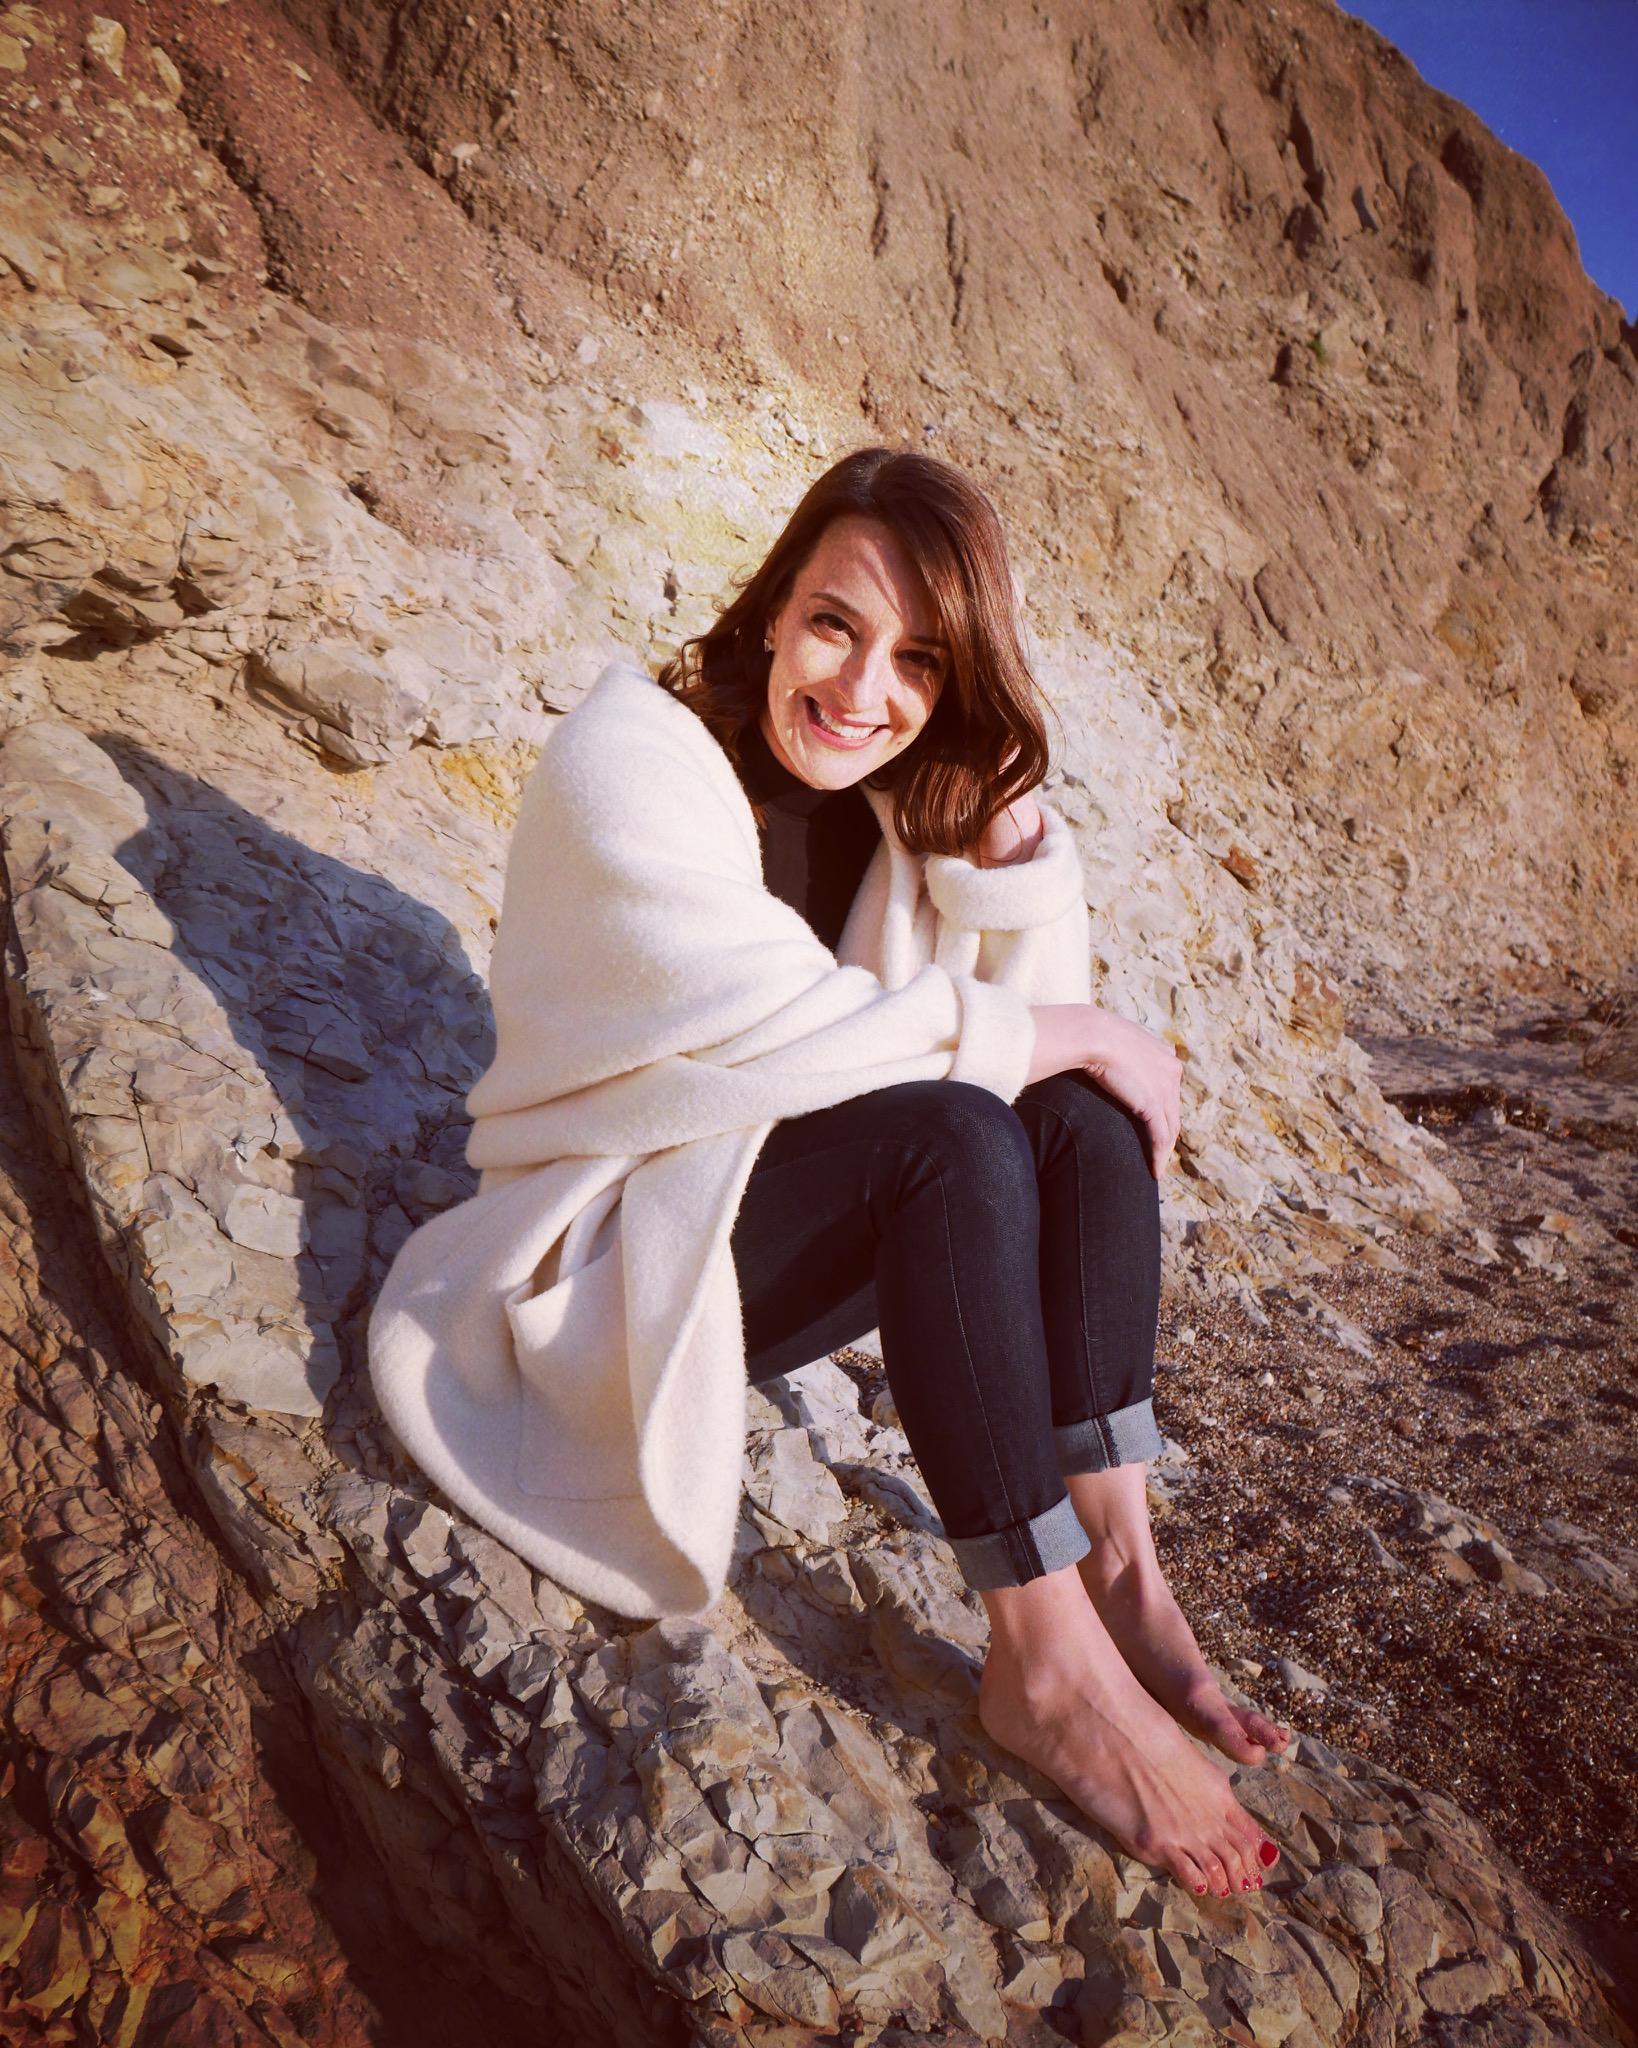 Jenn on Cliff.JPG